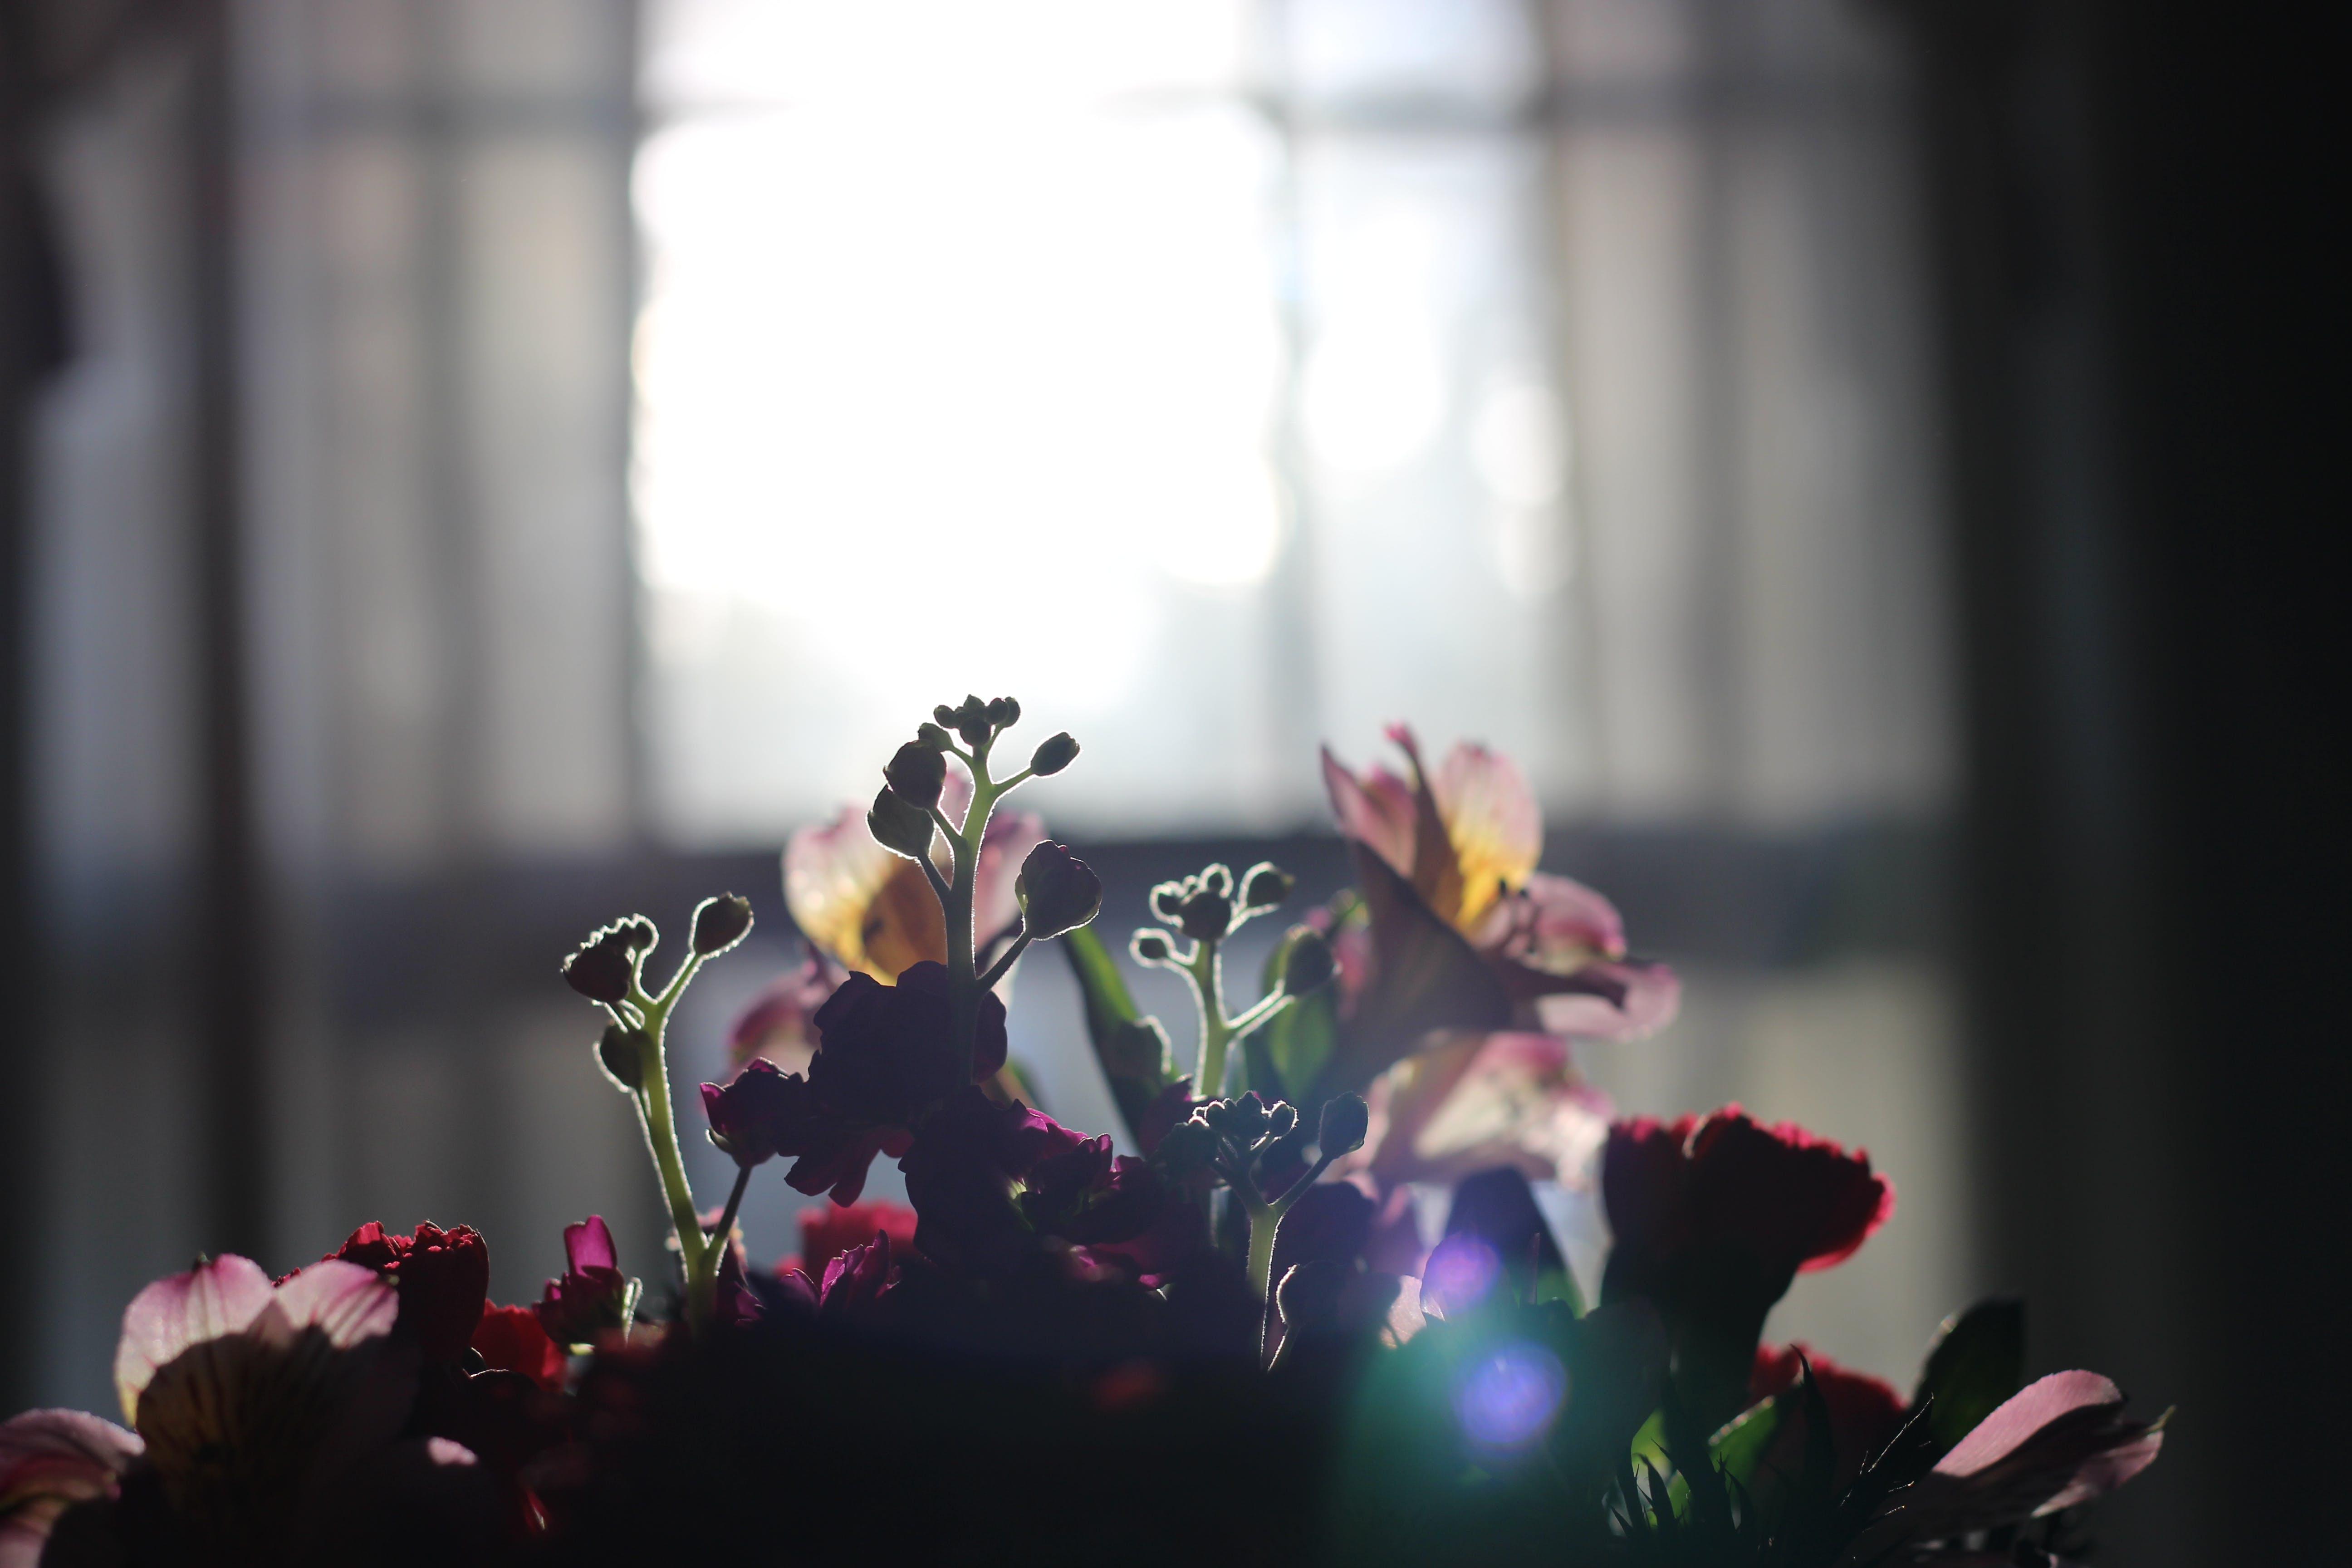 Kostenloses Stock Foto zu blumen, blumenstrauß, dekor, schöne blumen